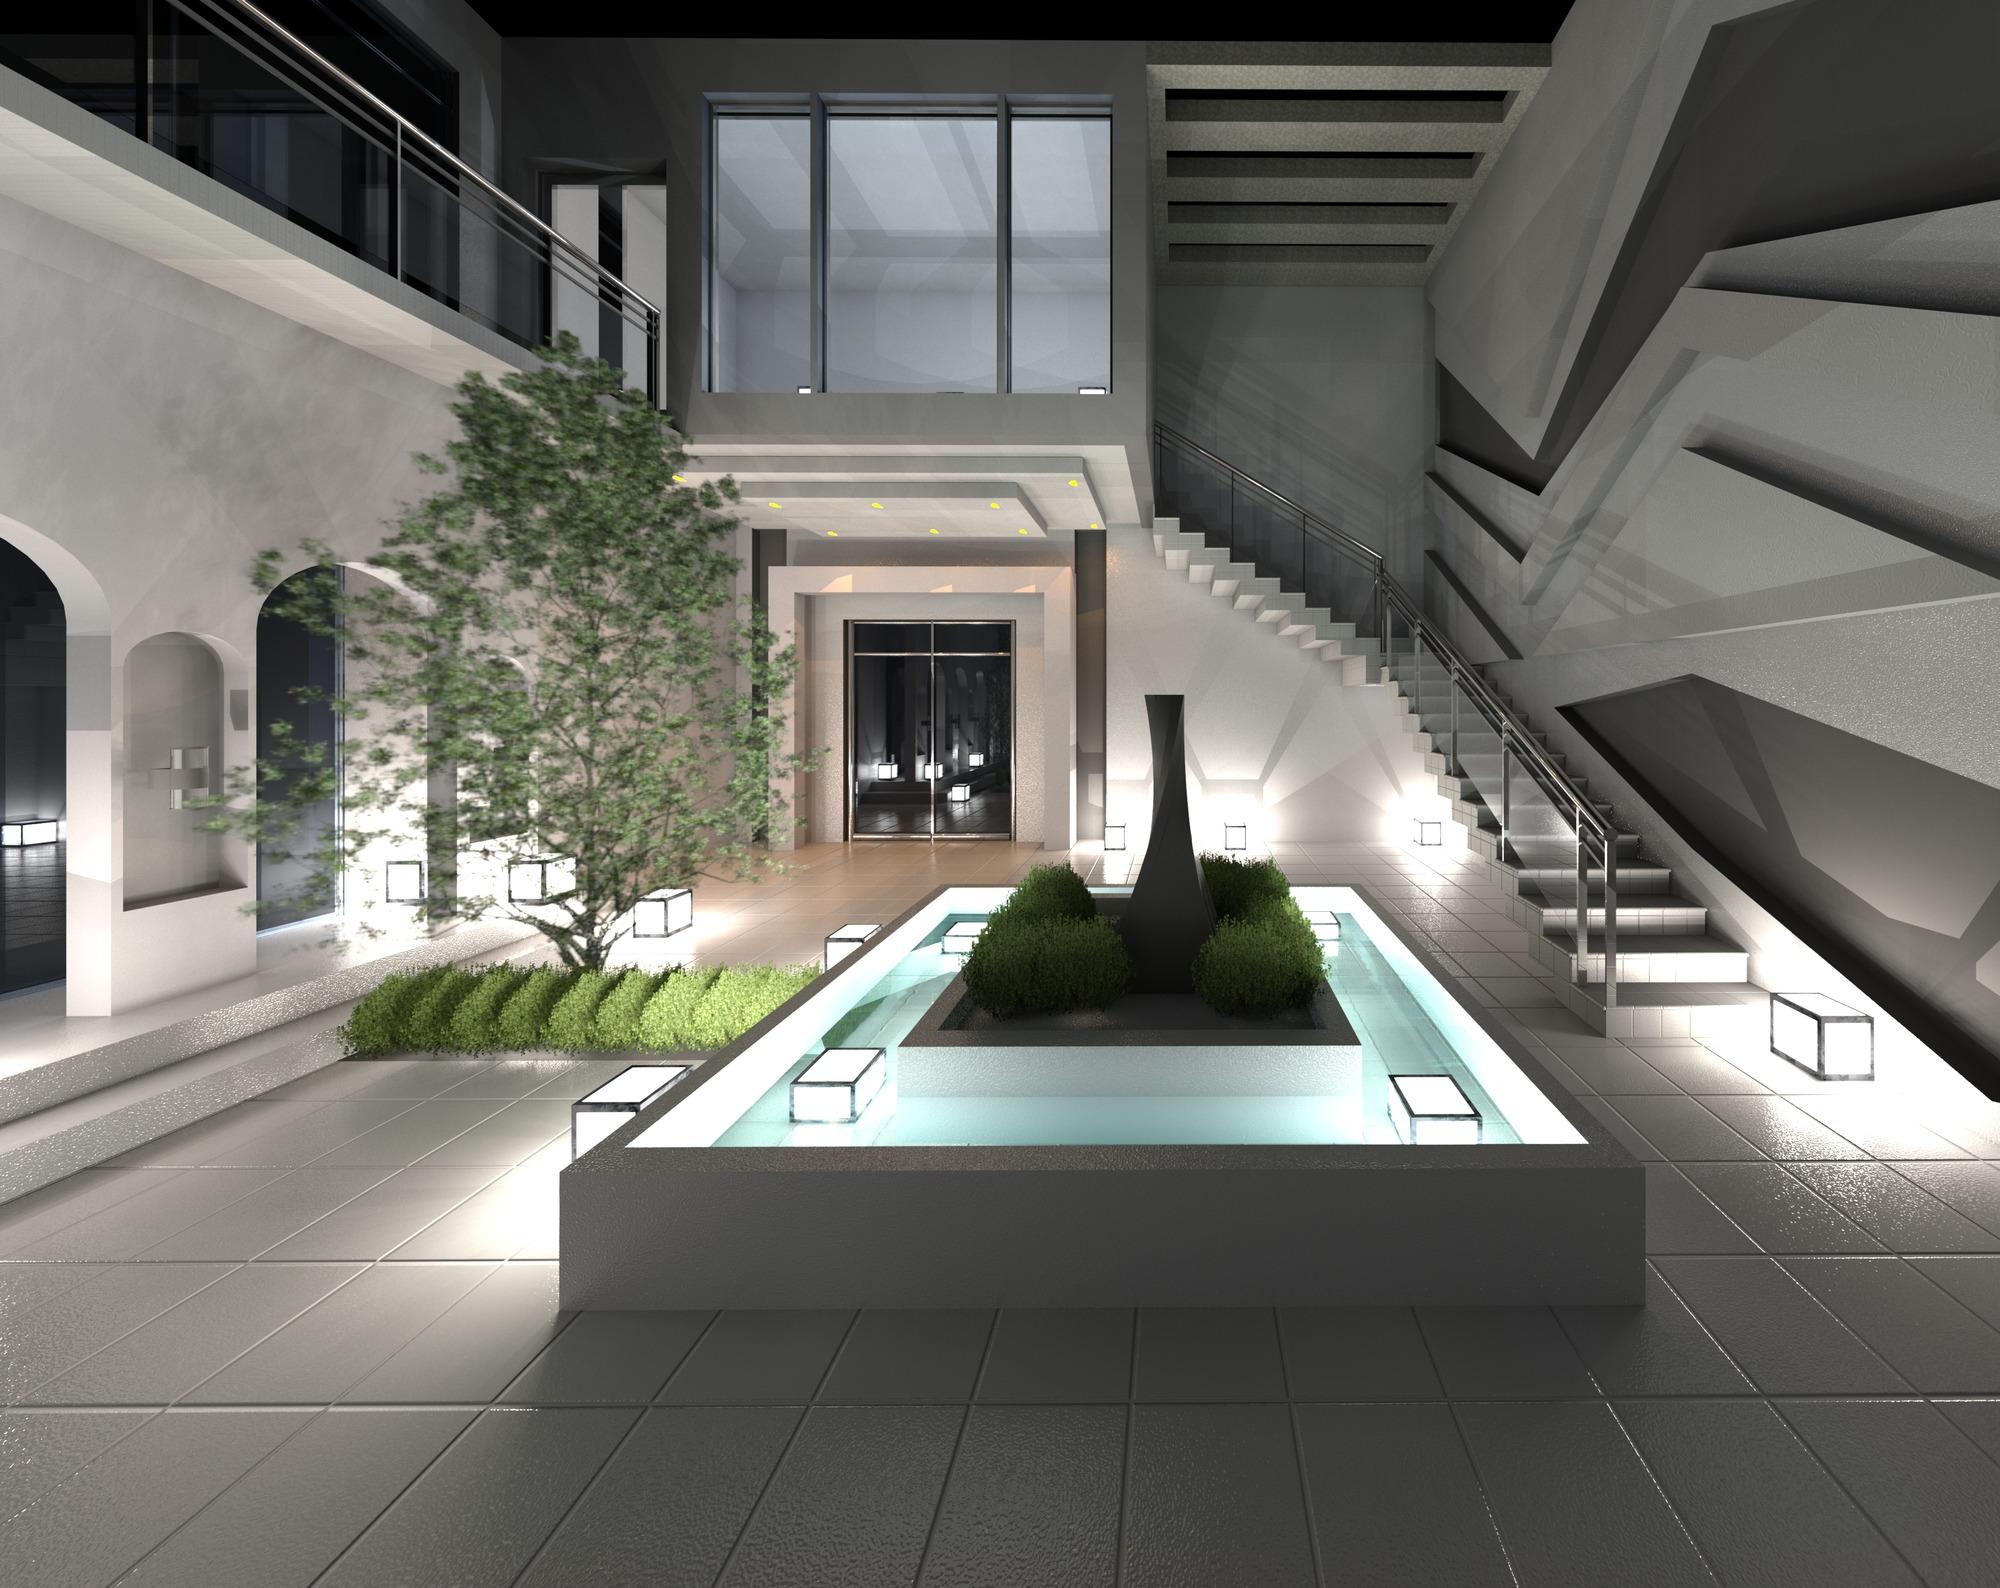 Raas-rendering20141008-20941-1cz7gcs